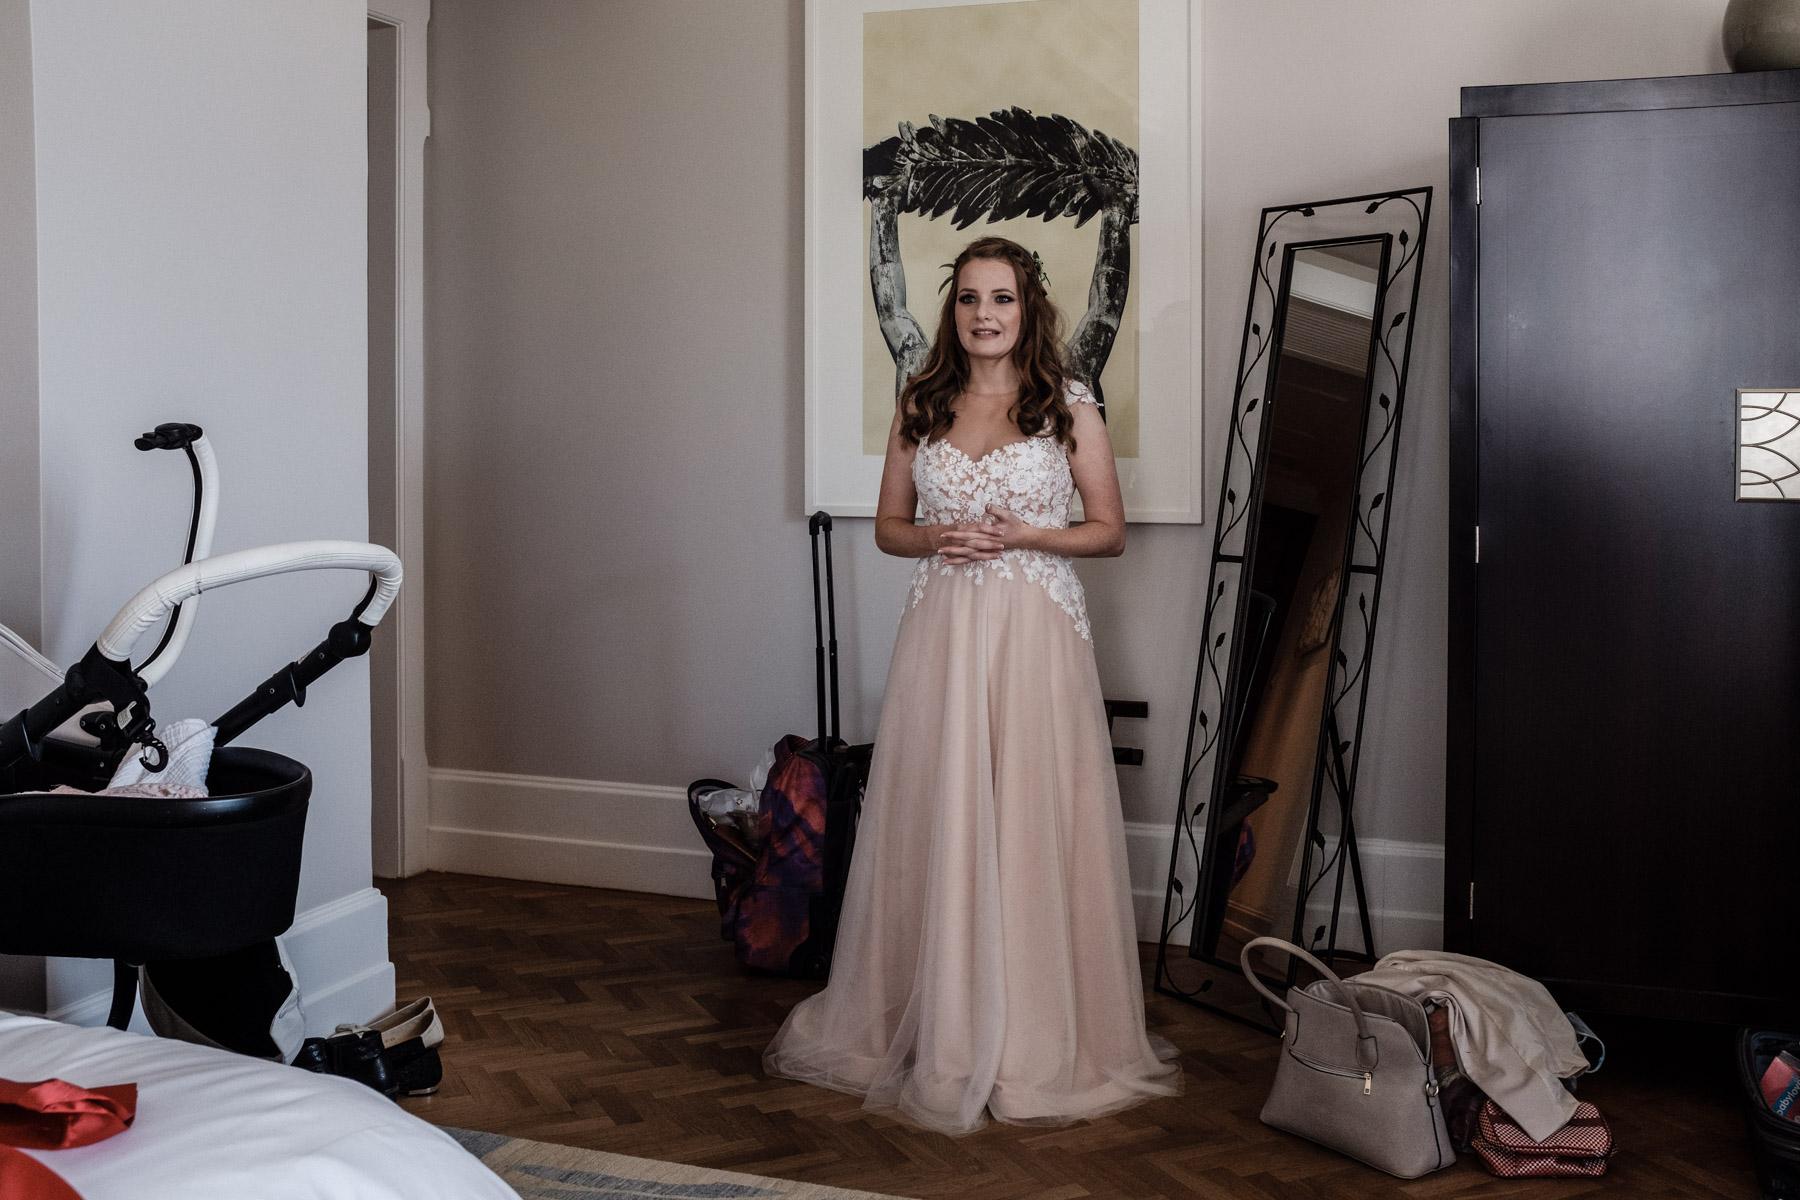 MartinLiebl_Kein_Hochzeitsfotograf_No_Wedding_Photographer_Budapest_Gresham_Palace_015.jpg